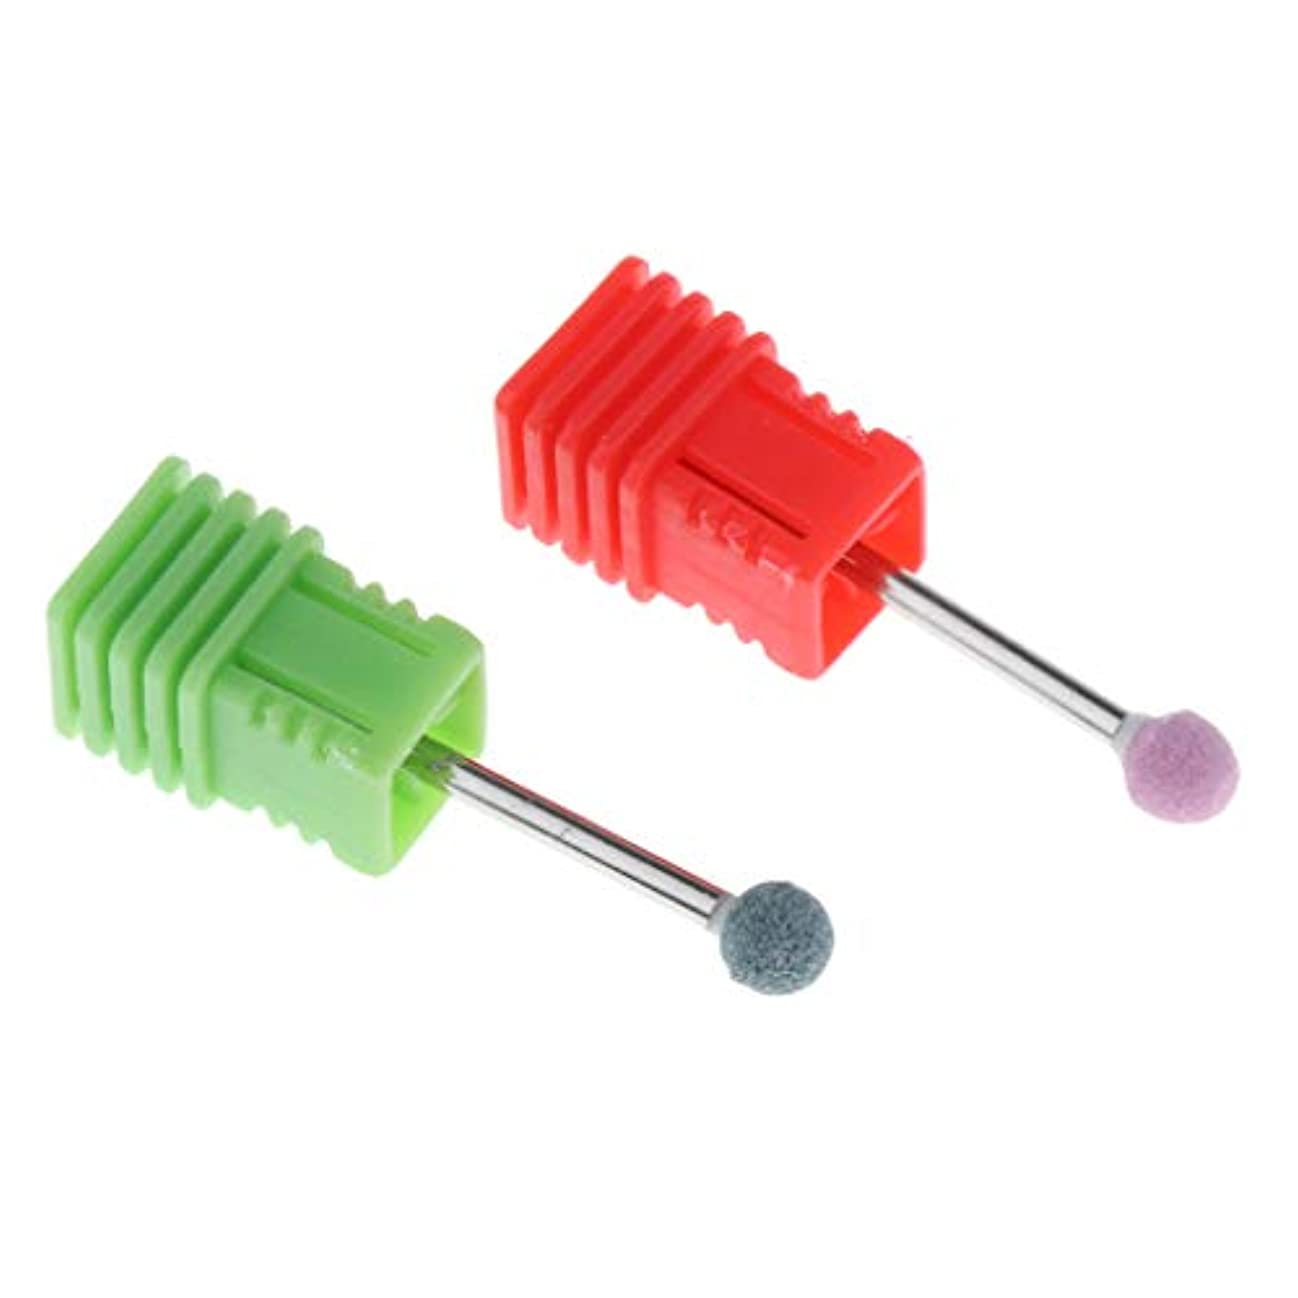 型分類する援助爪 磨き ヘッド 電動研磨ヘッド ネイル グラインド ヘッド アクリルネイル用ツール 2個 全6カラー - グリーン+ピンク